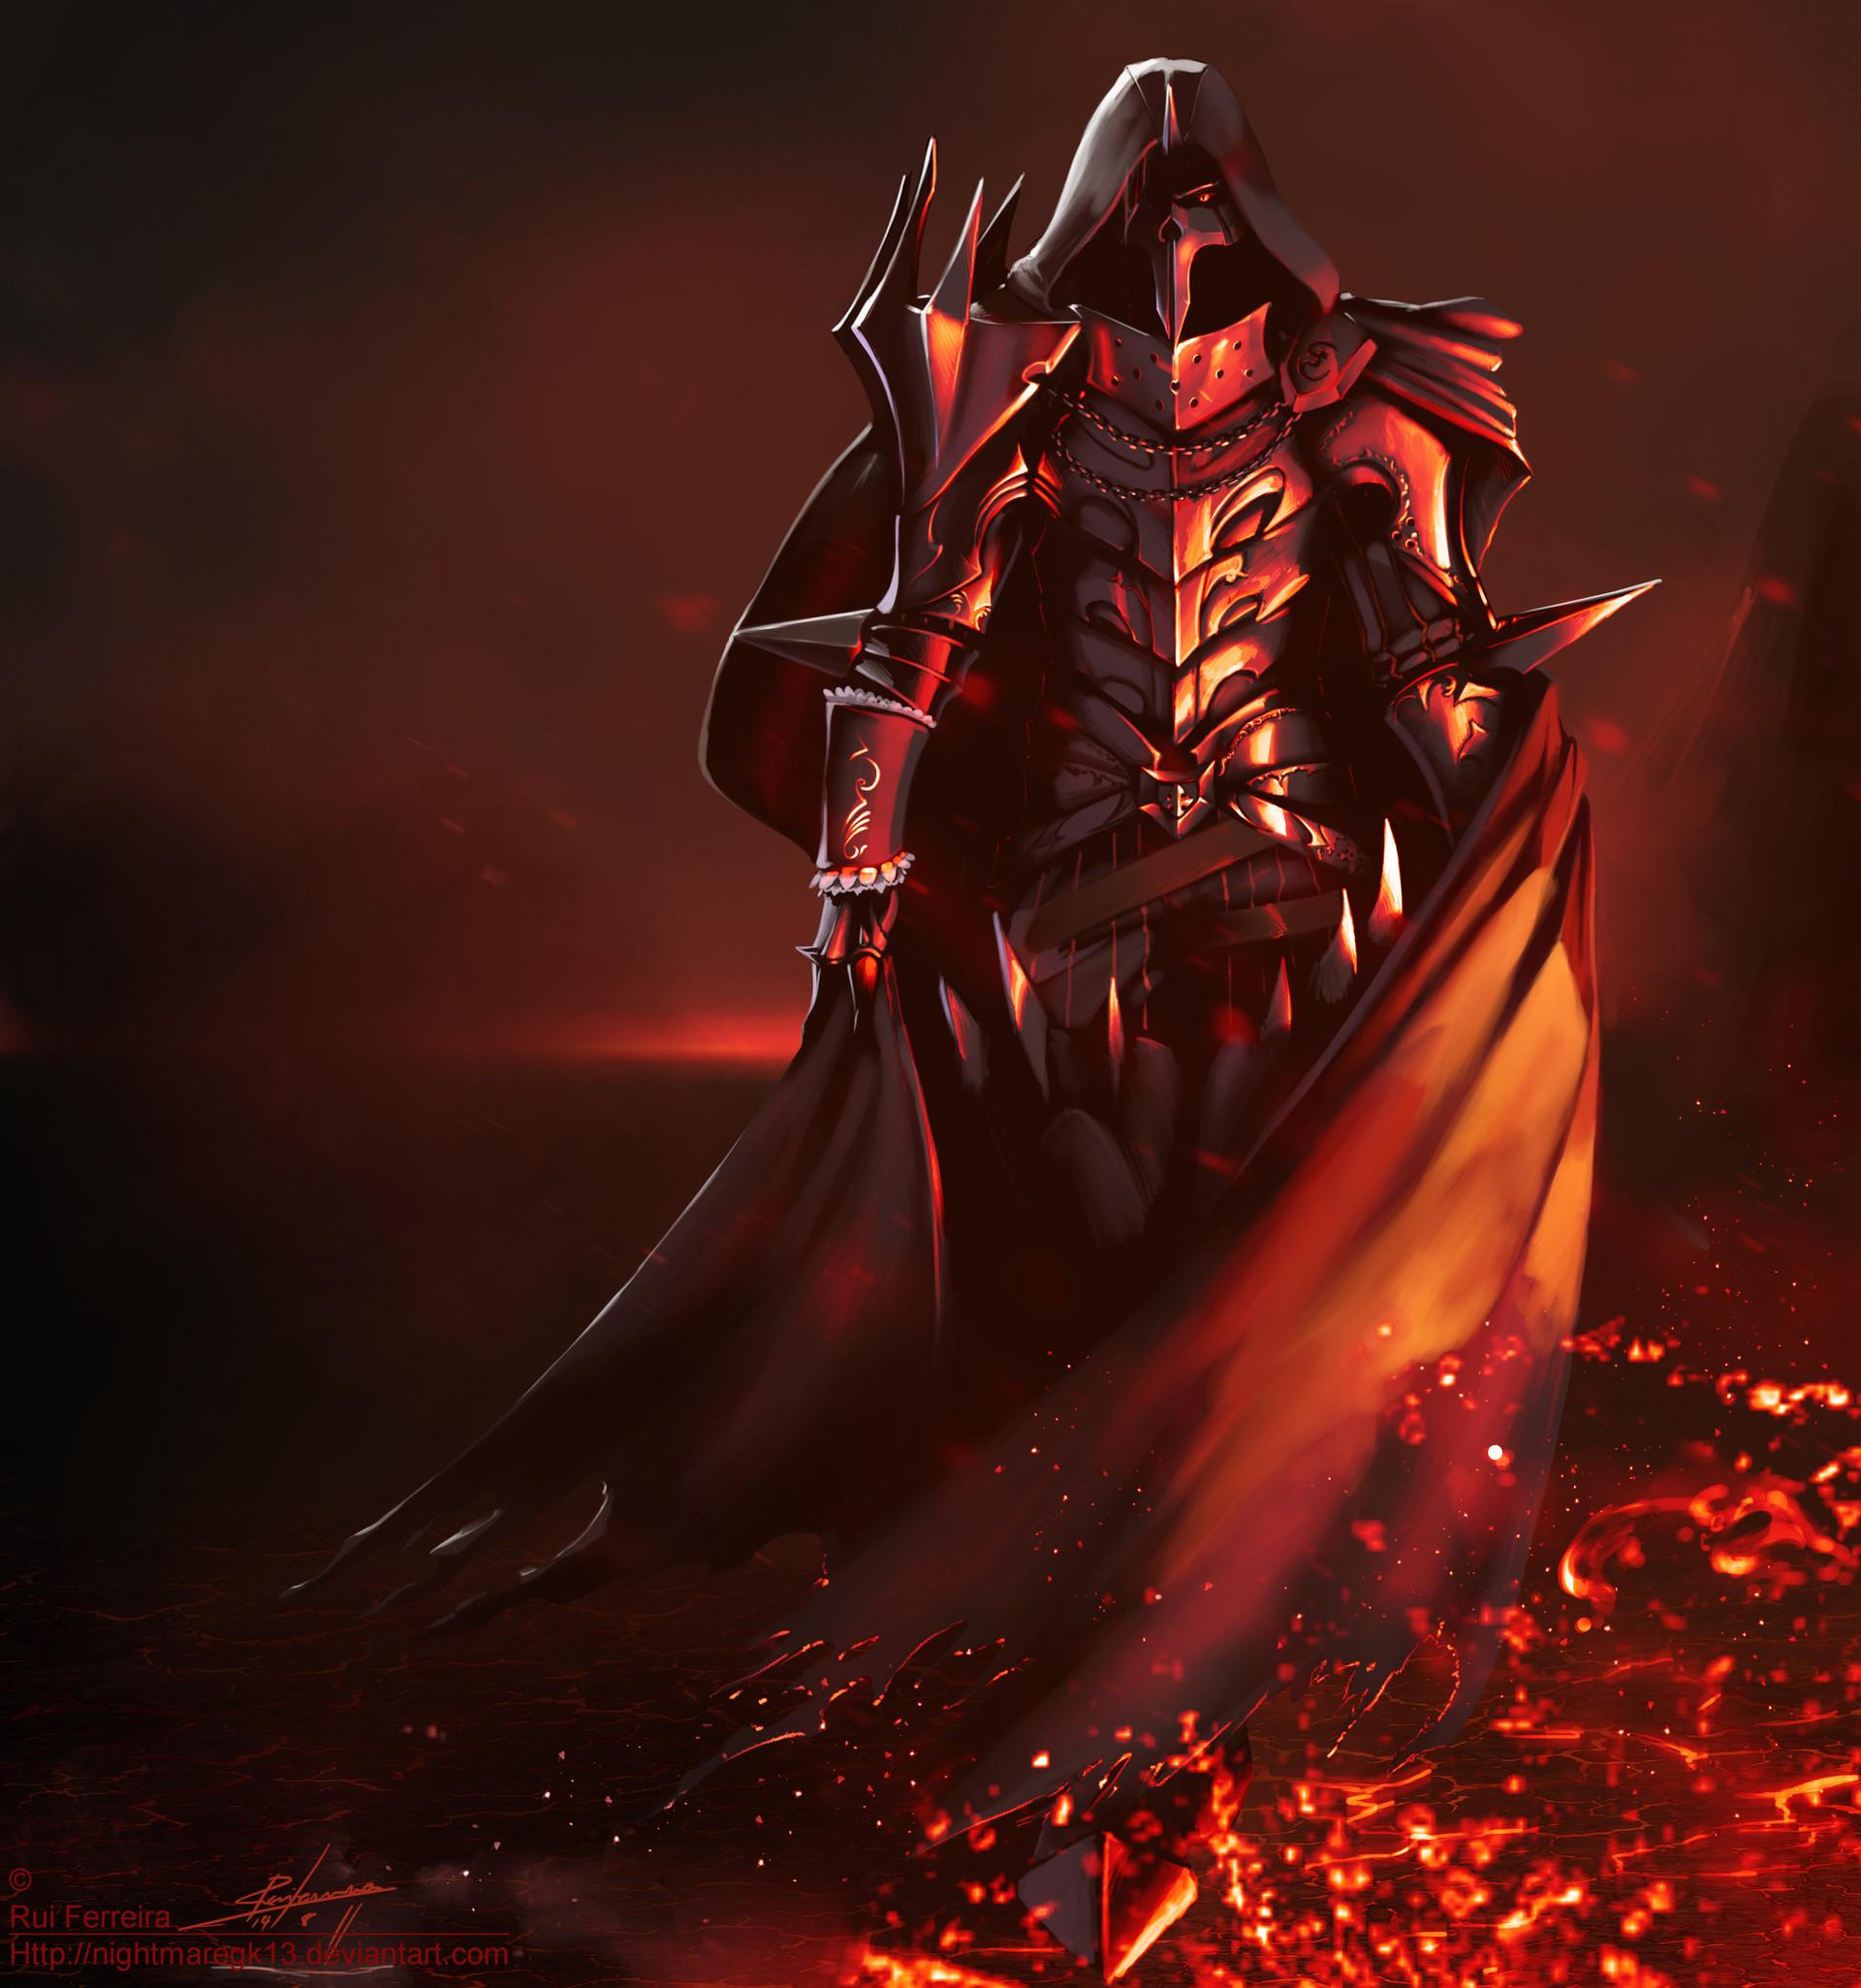 Rui ferreira black knight